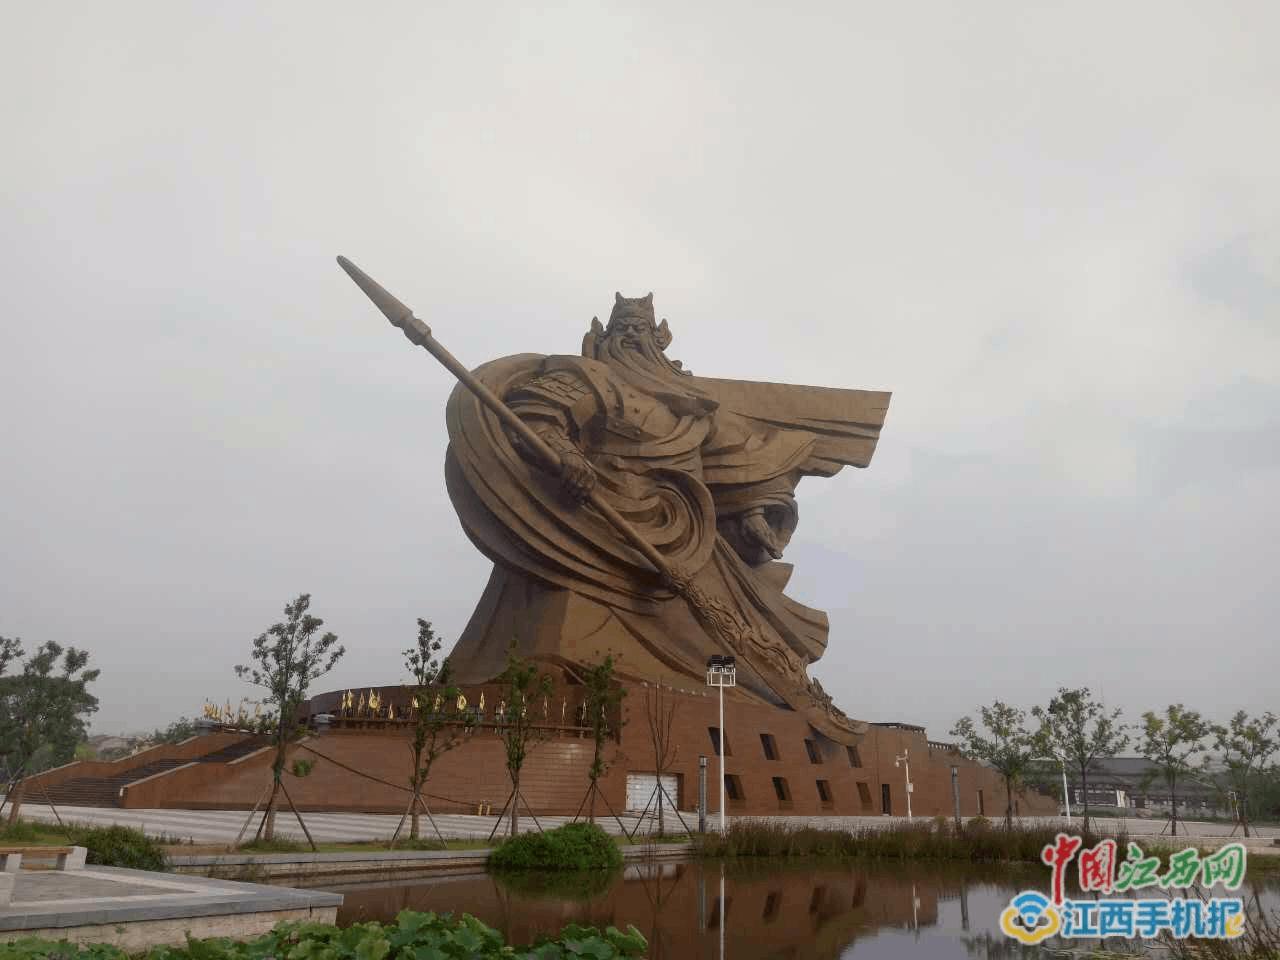 三国重地荆州古城 全国网络媒体聚焦世界最大关公圣像